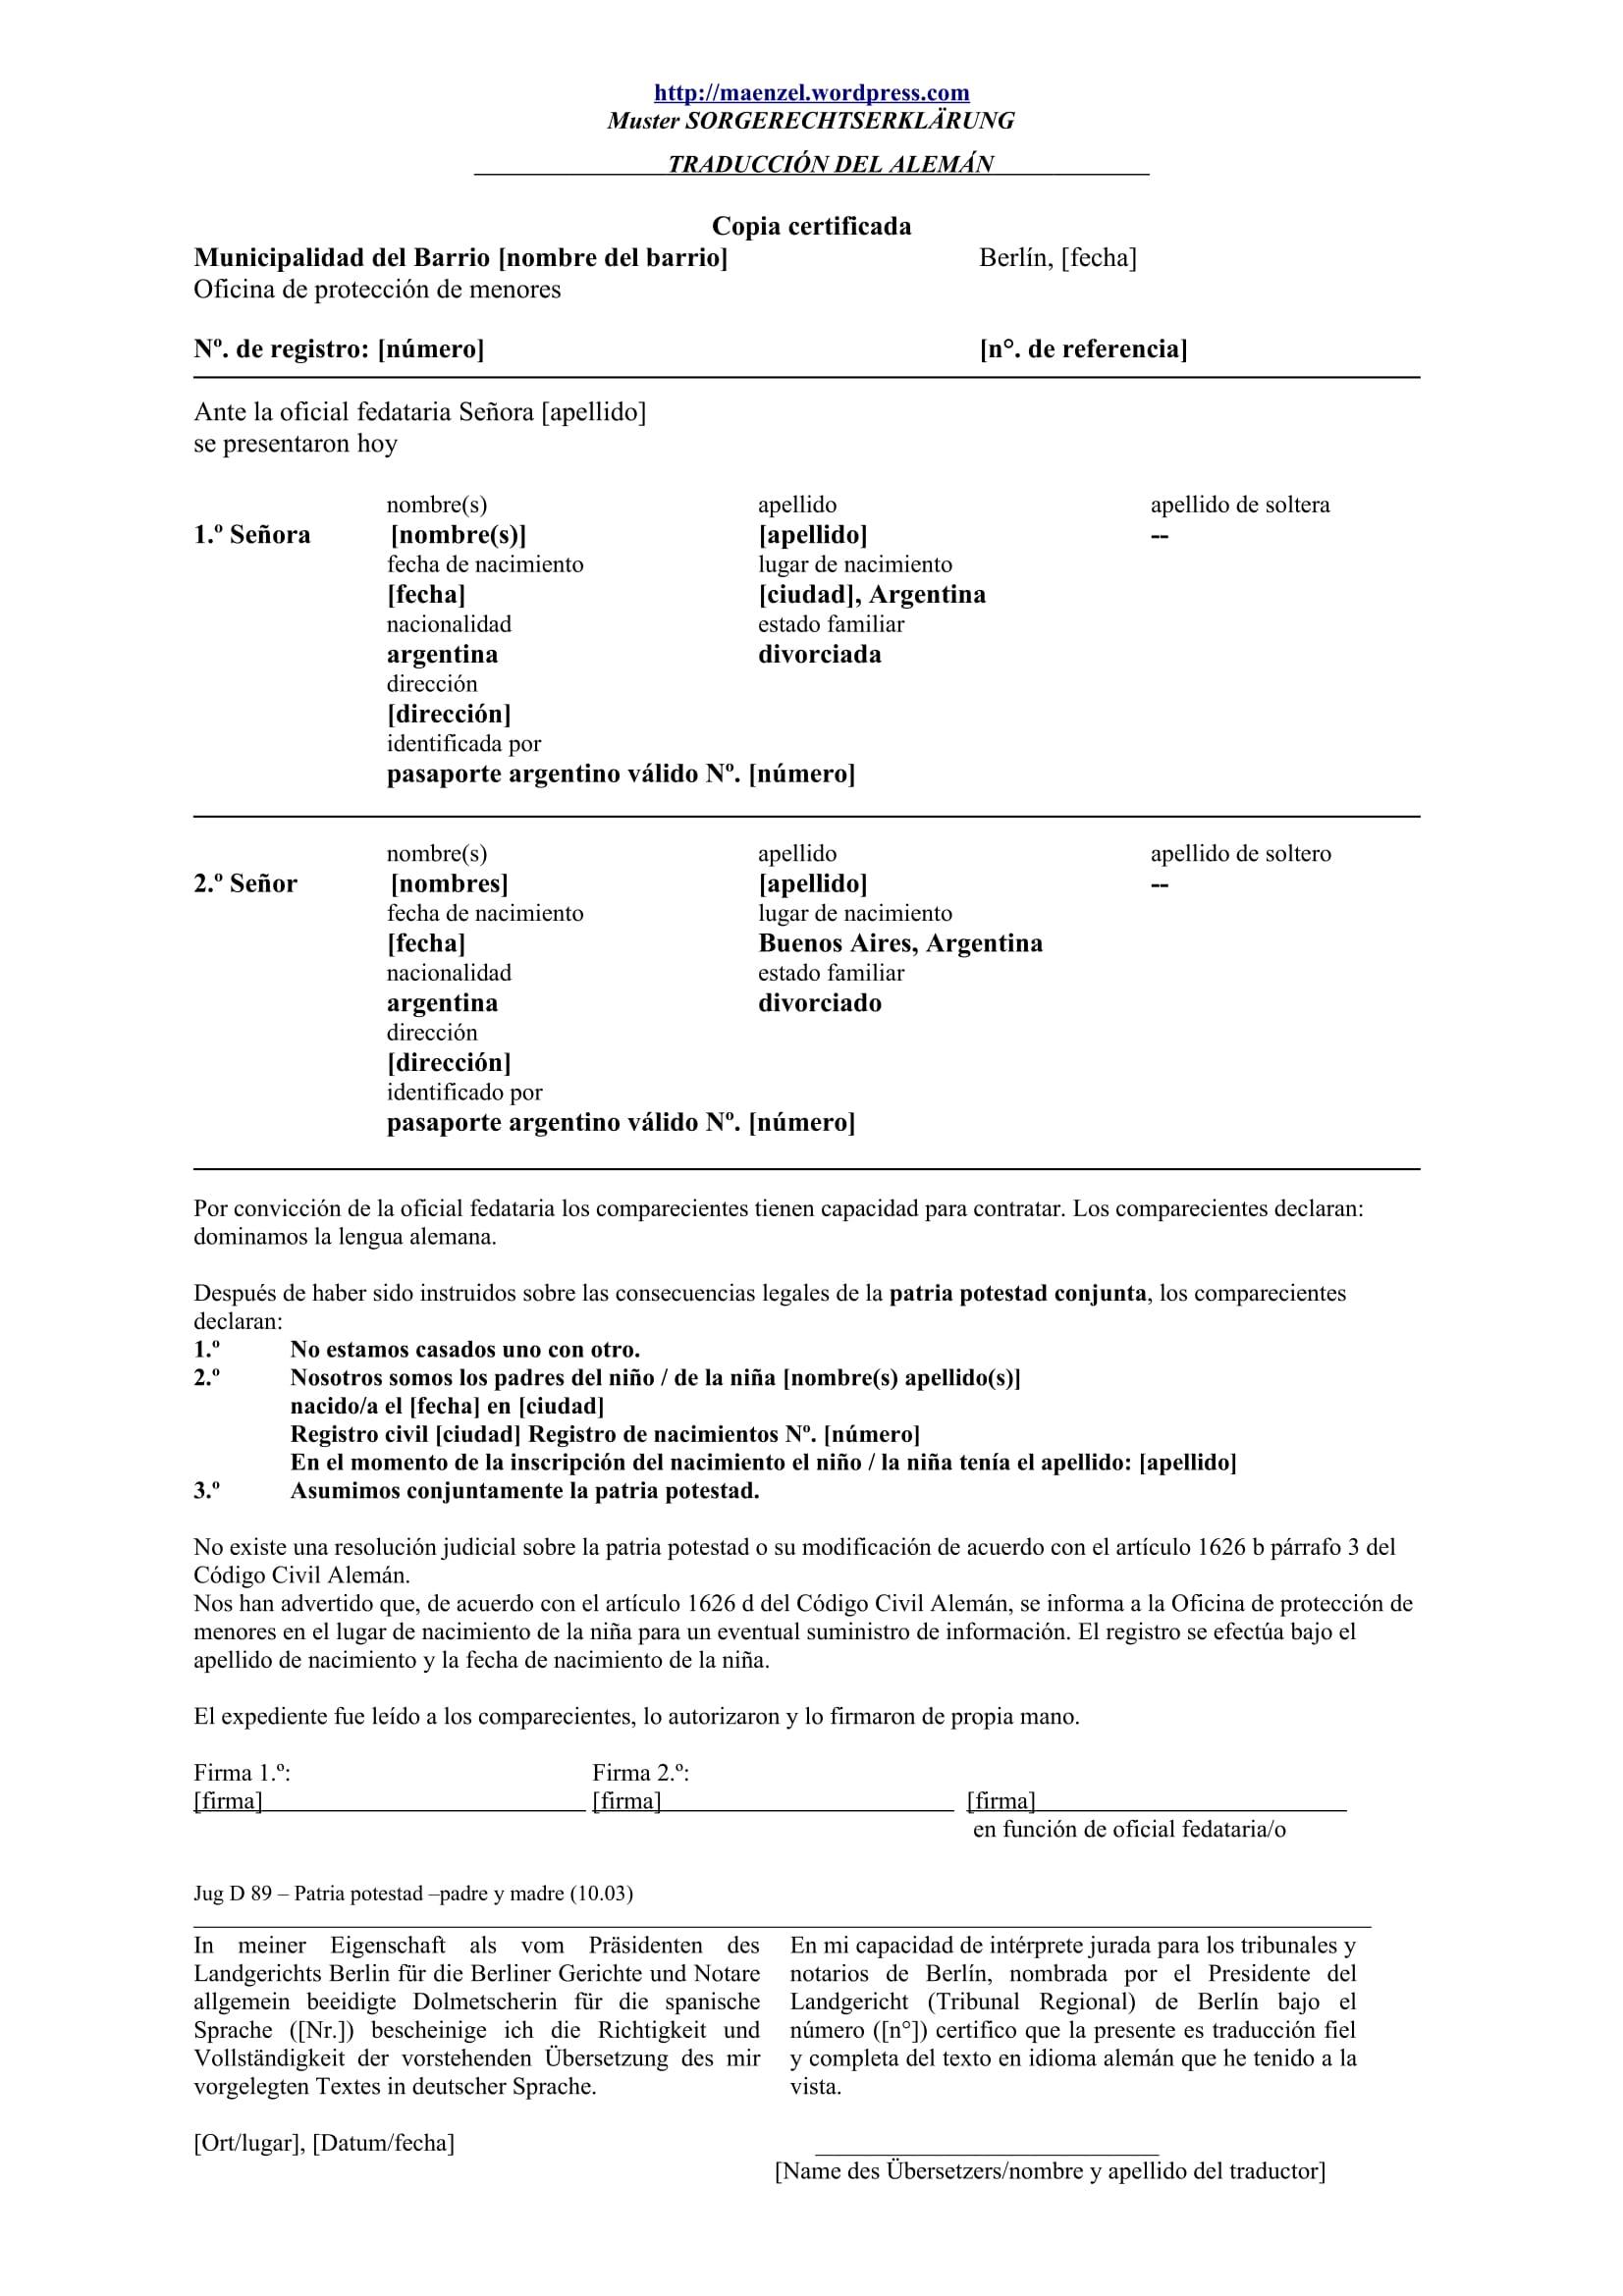 sorgerechtserklarung-muster-ubersetzung-1